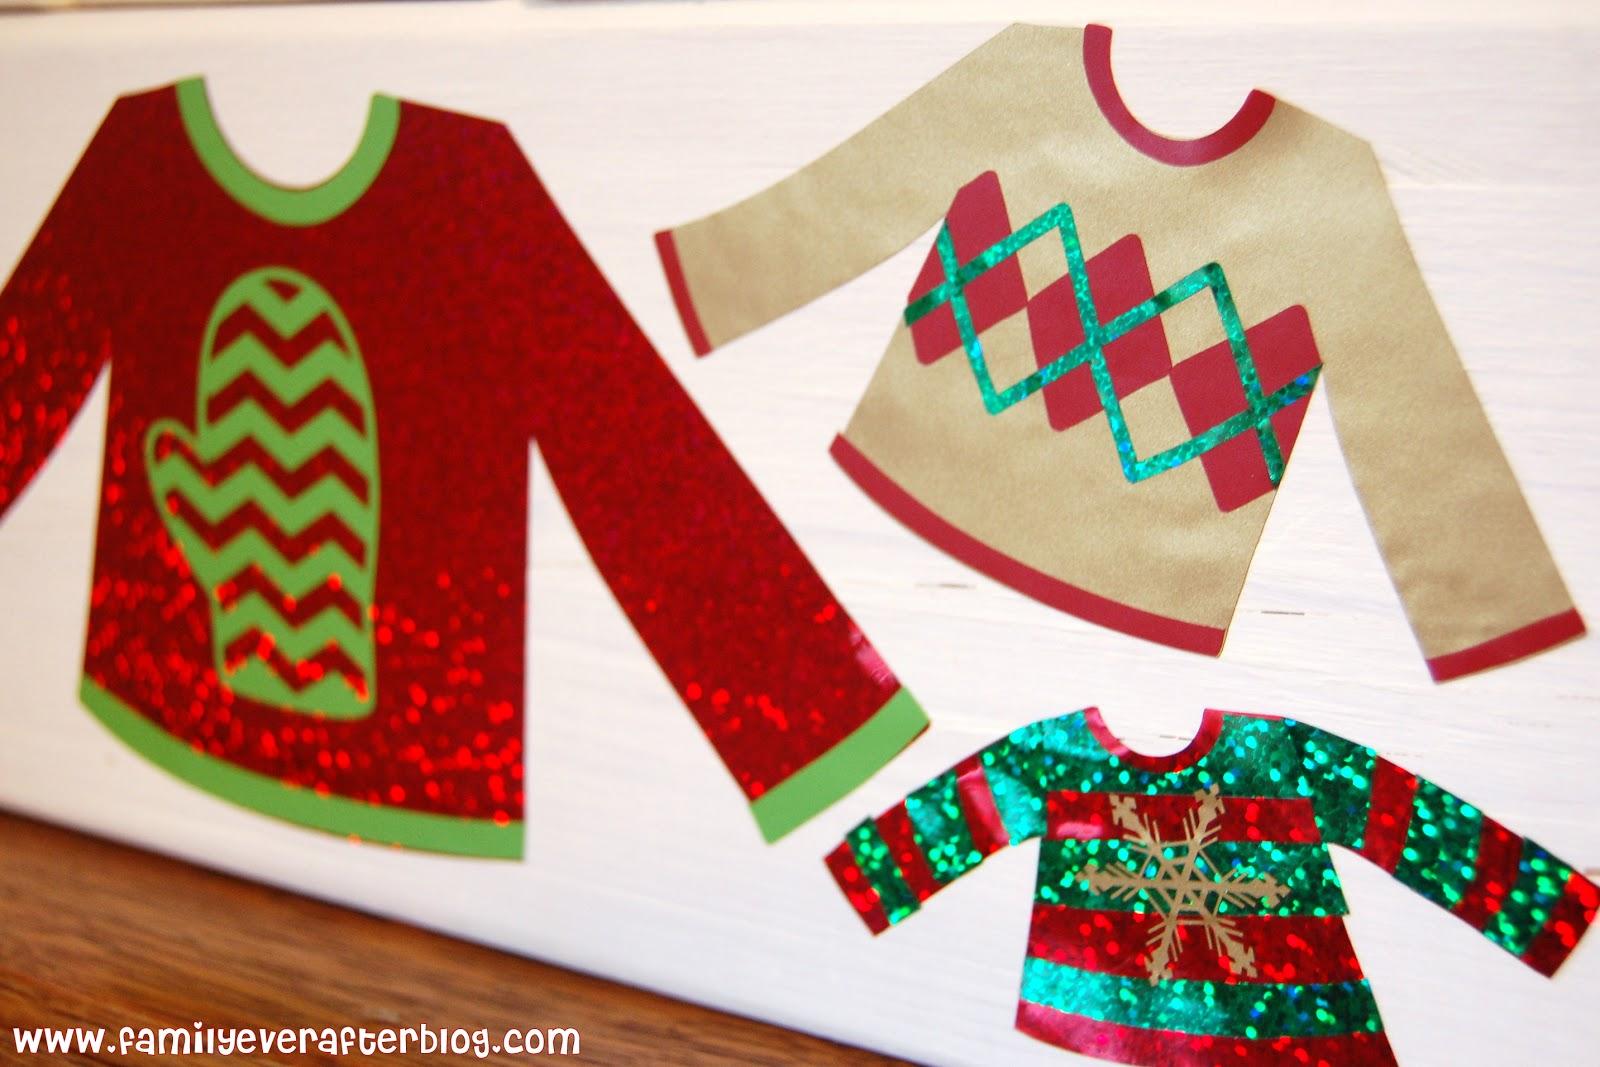 com party christmas home sweater decorations design ugly ideas decor psoriasisguru gallery